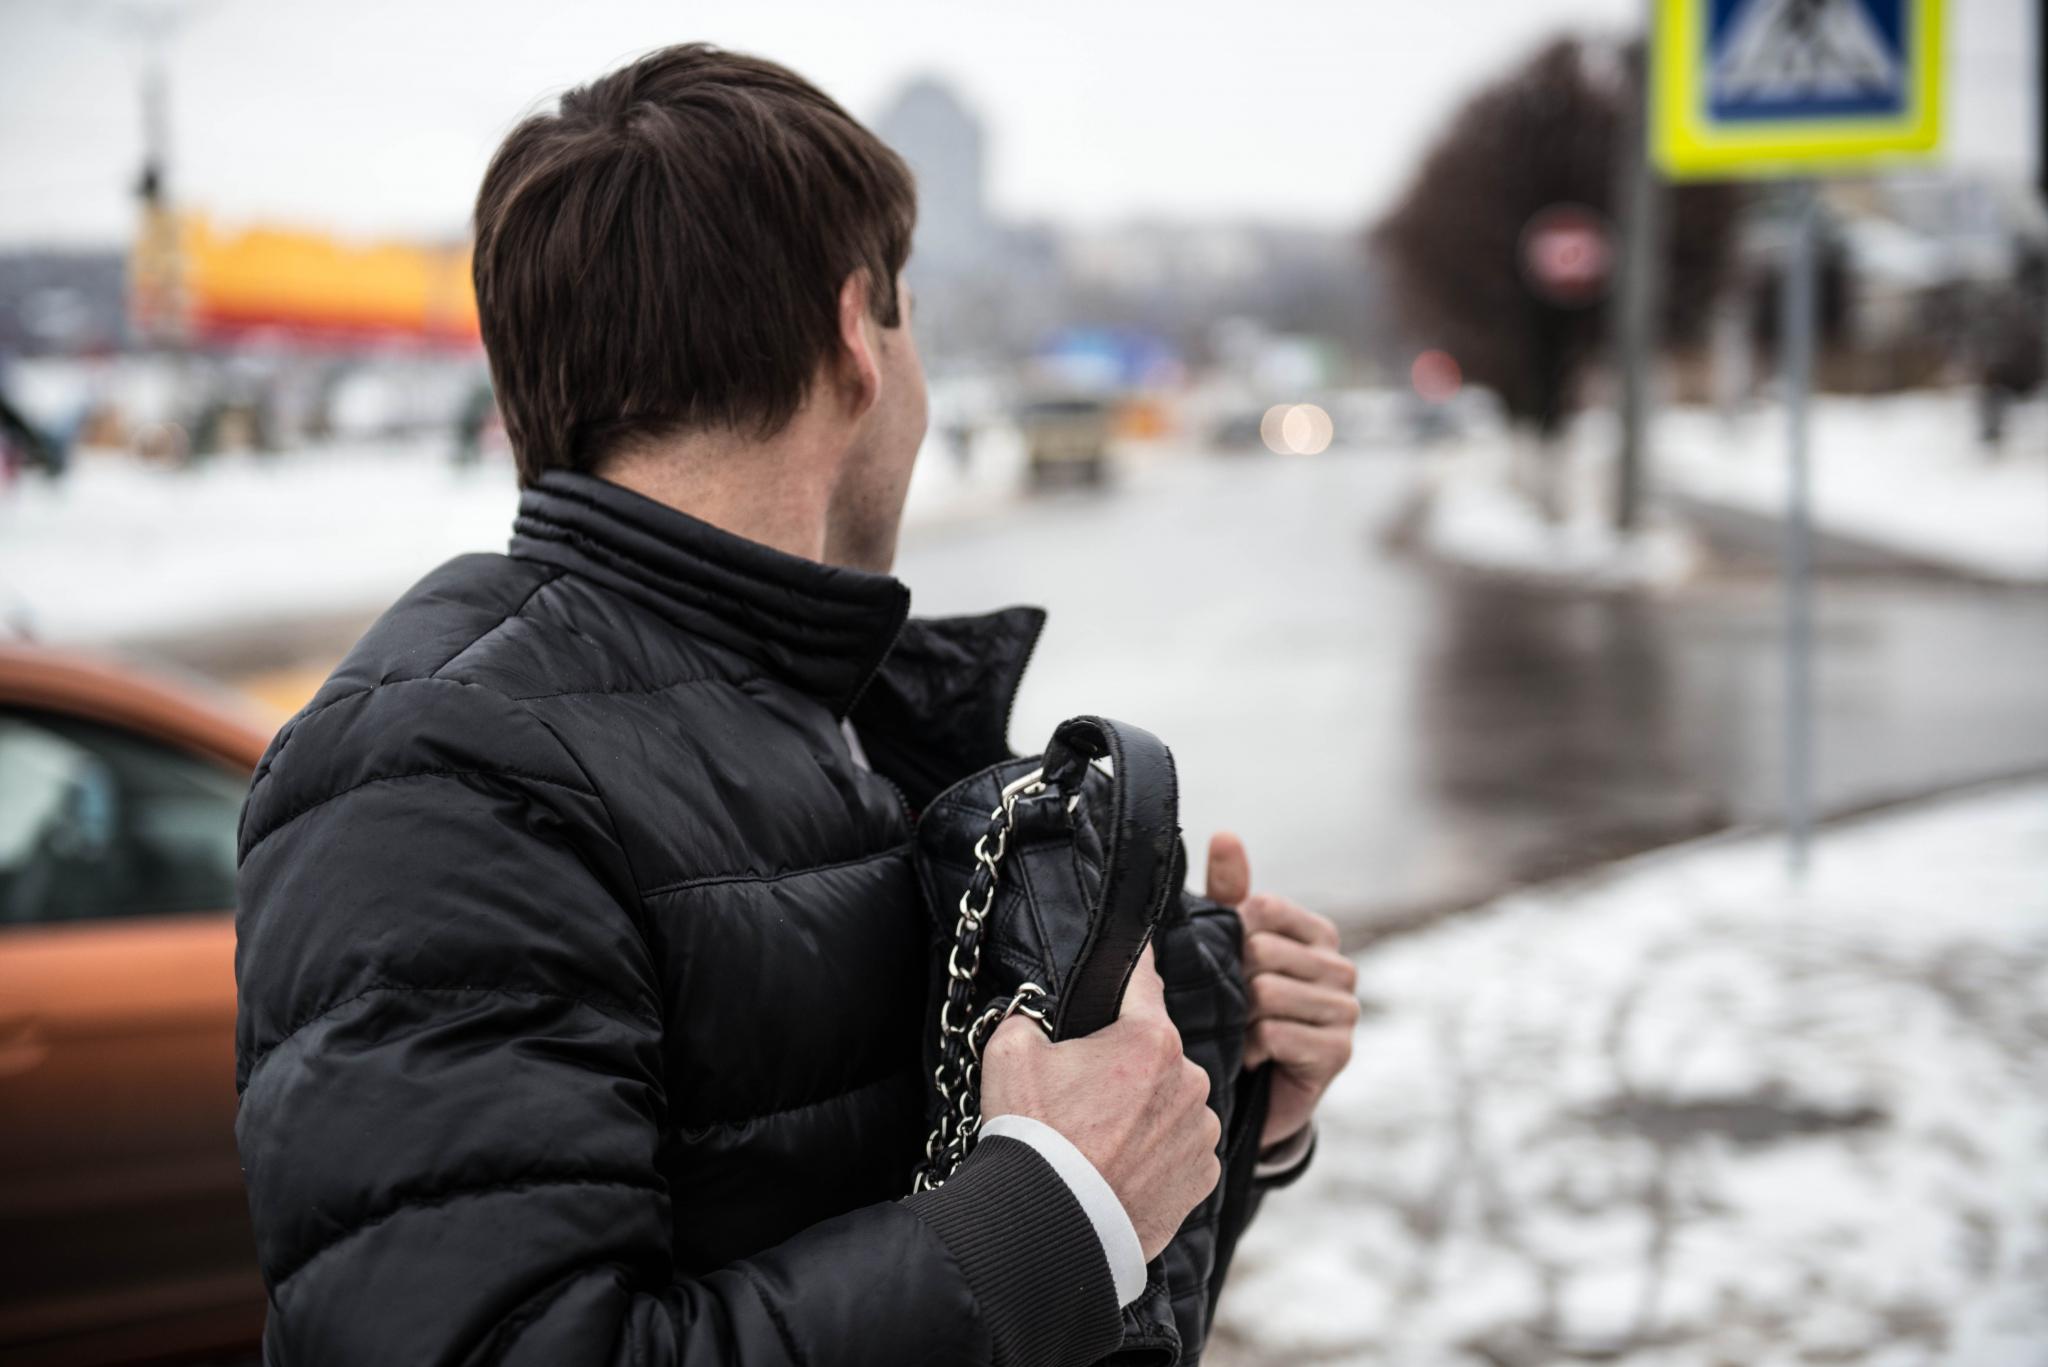 В Чепецке произошла серия ограблений по одинаковому сценарию